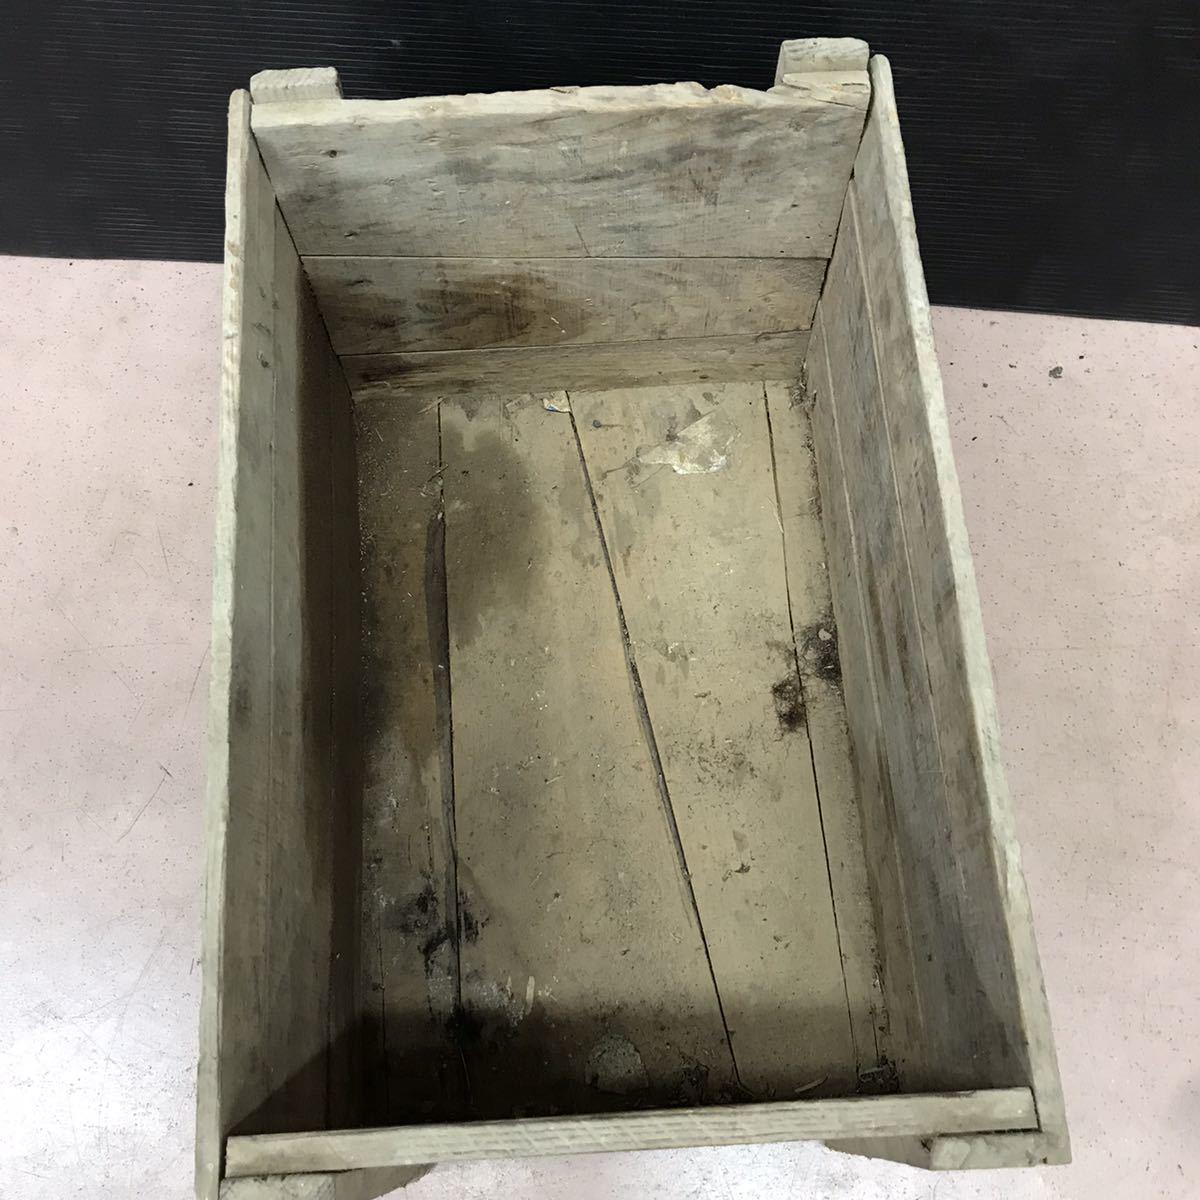 昭和レトロ 木箱 アンティーク ビンテージ ディスプレイ 古民家 ②_画像5